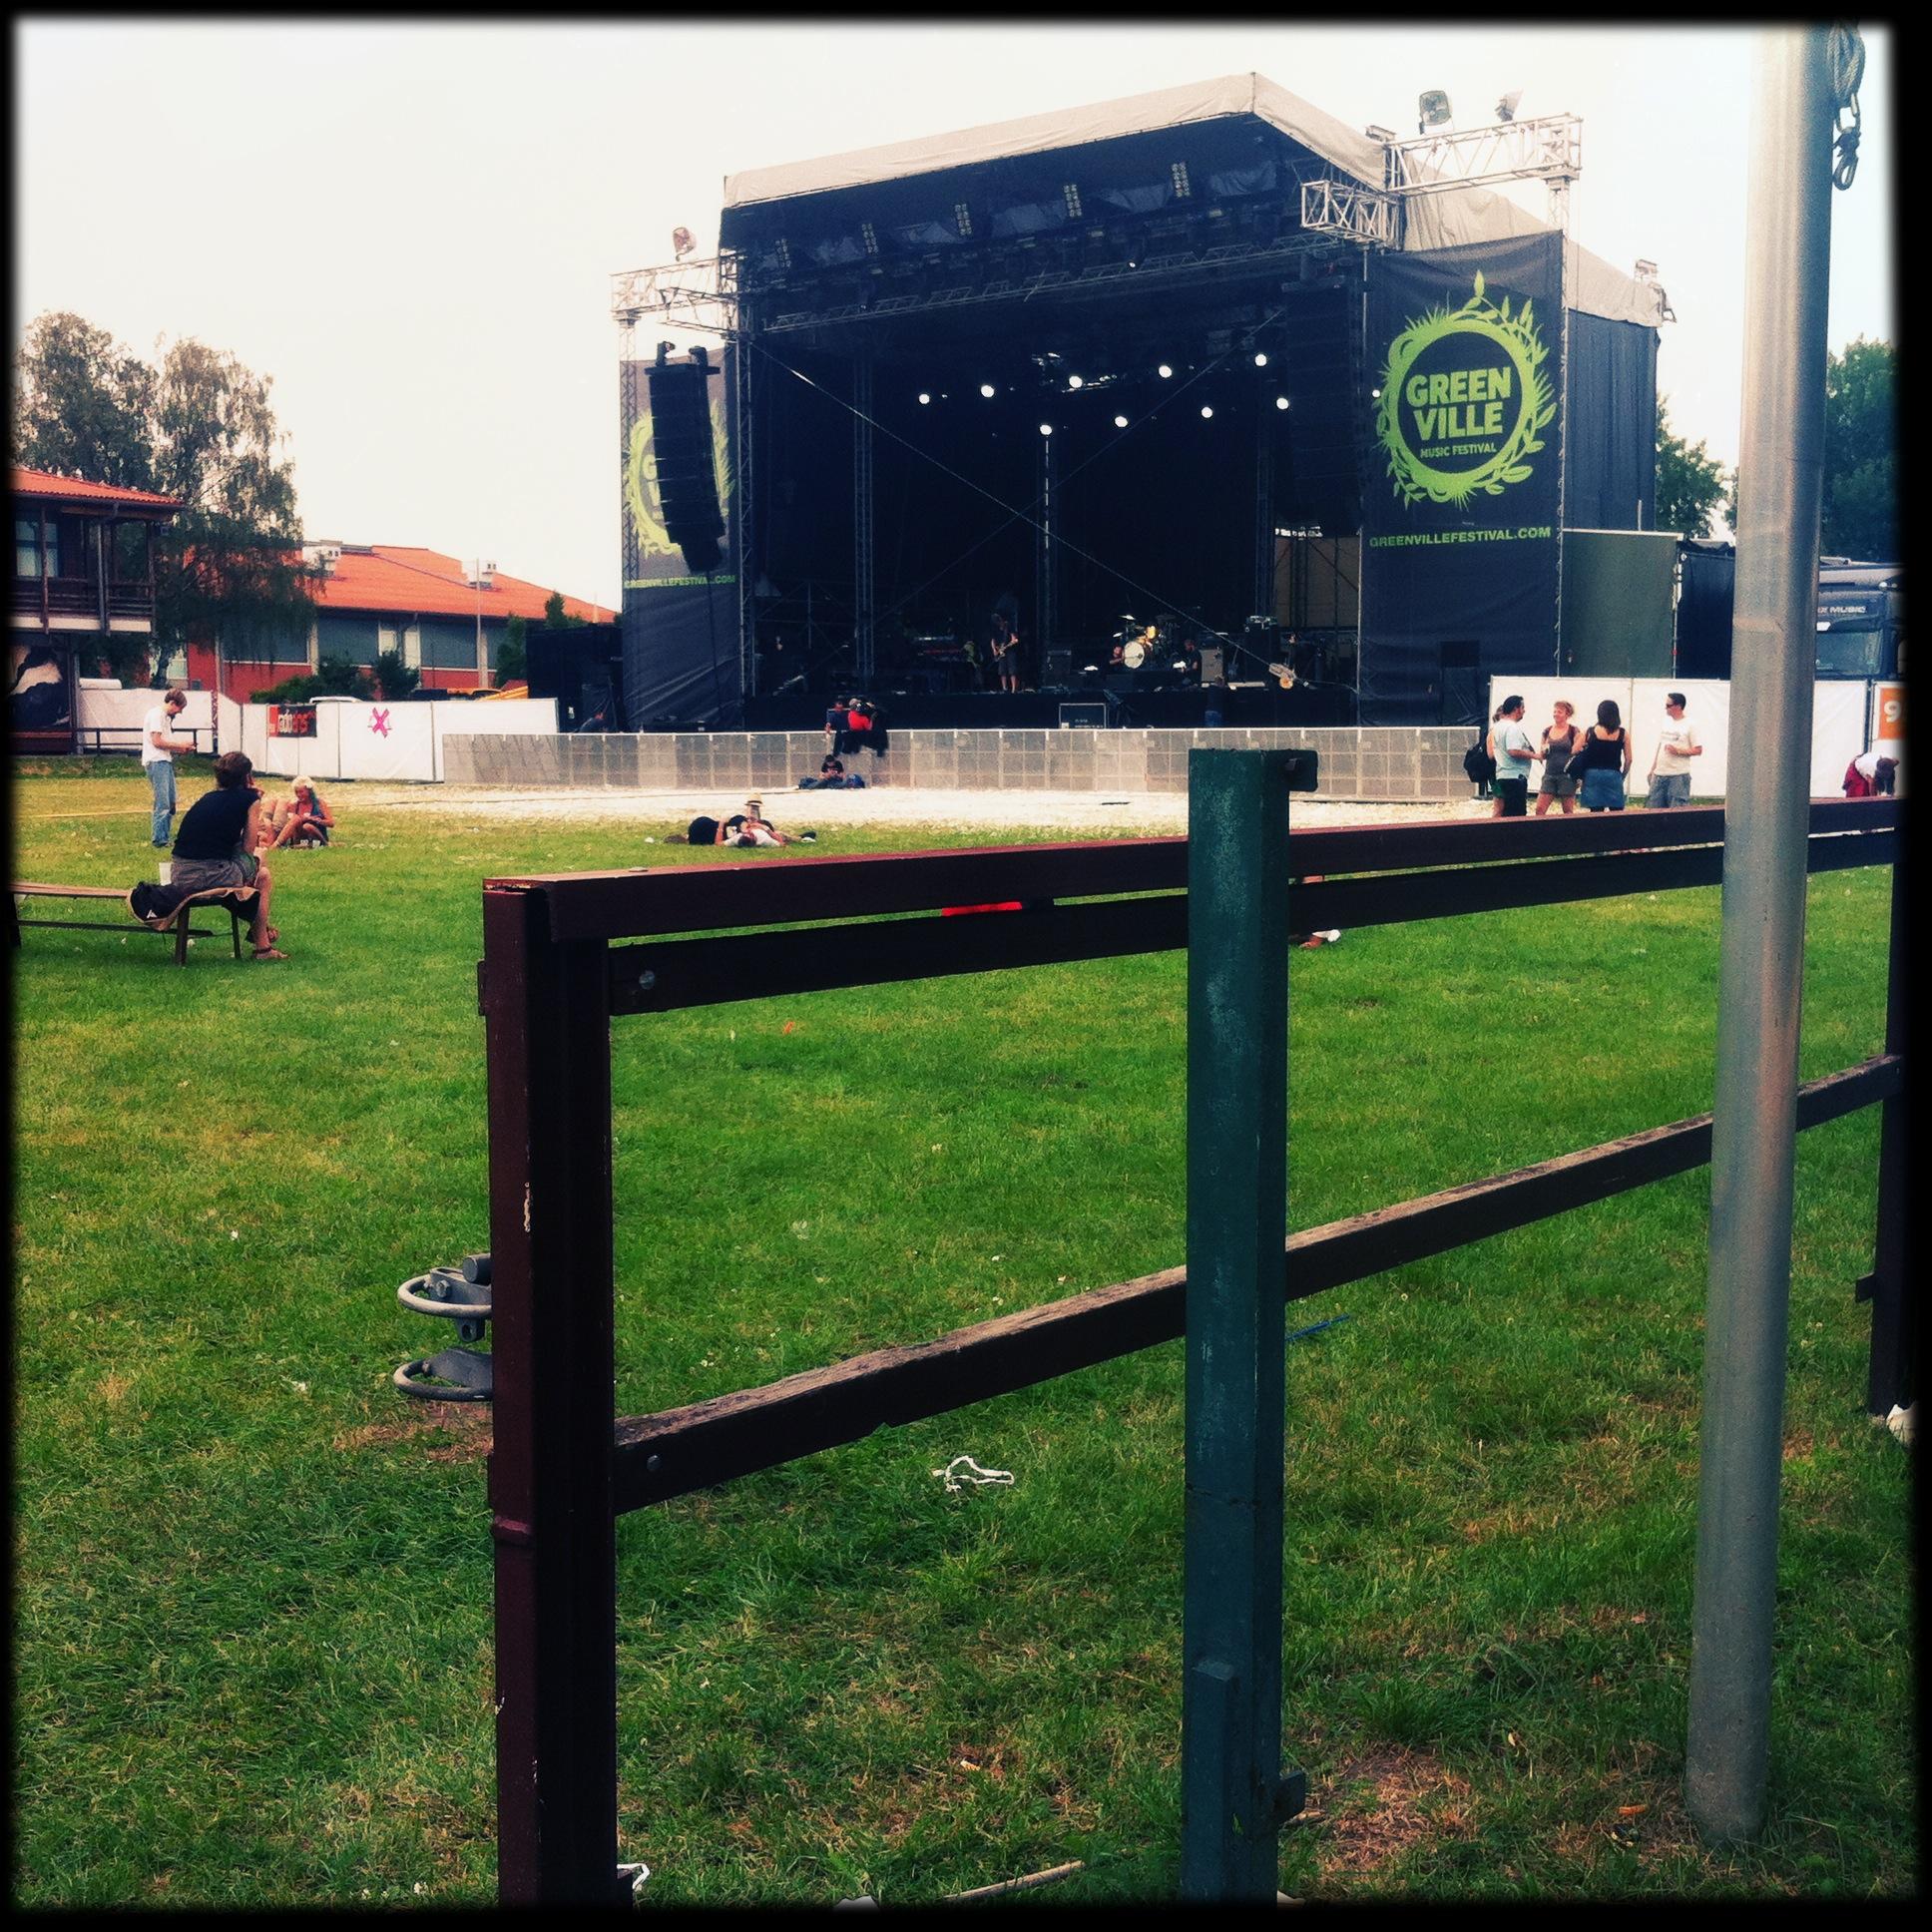 Brandenburg Paaren im Glien Greenville Festival - Stage 1